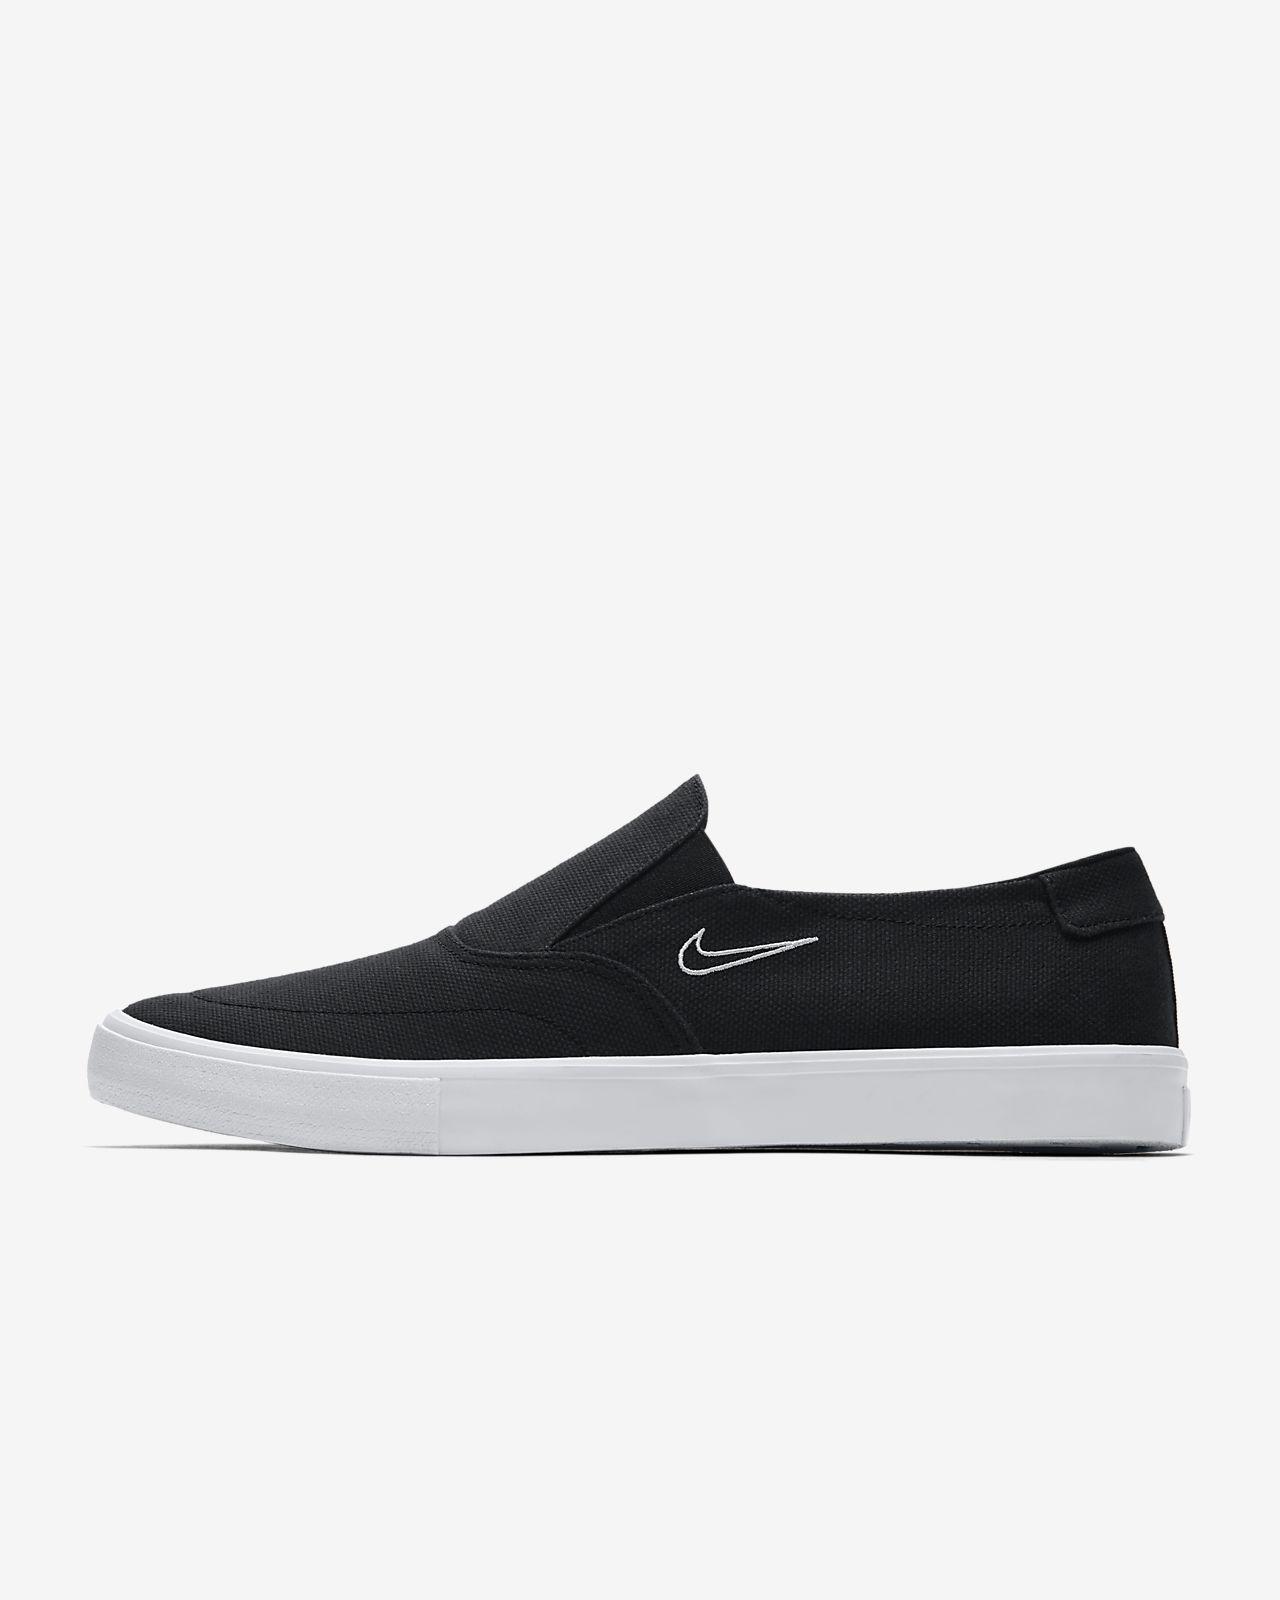 Chaussure de skateboard Nike SB Portmore II Solarsoft Slip-on pour Homme